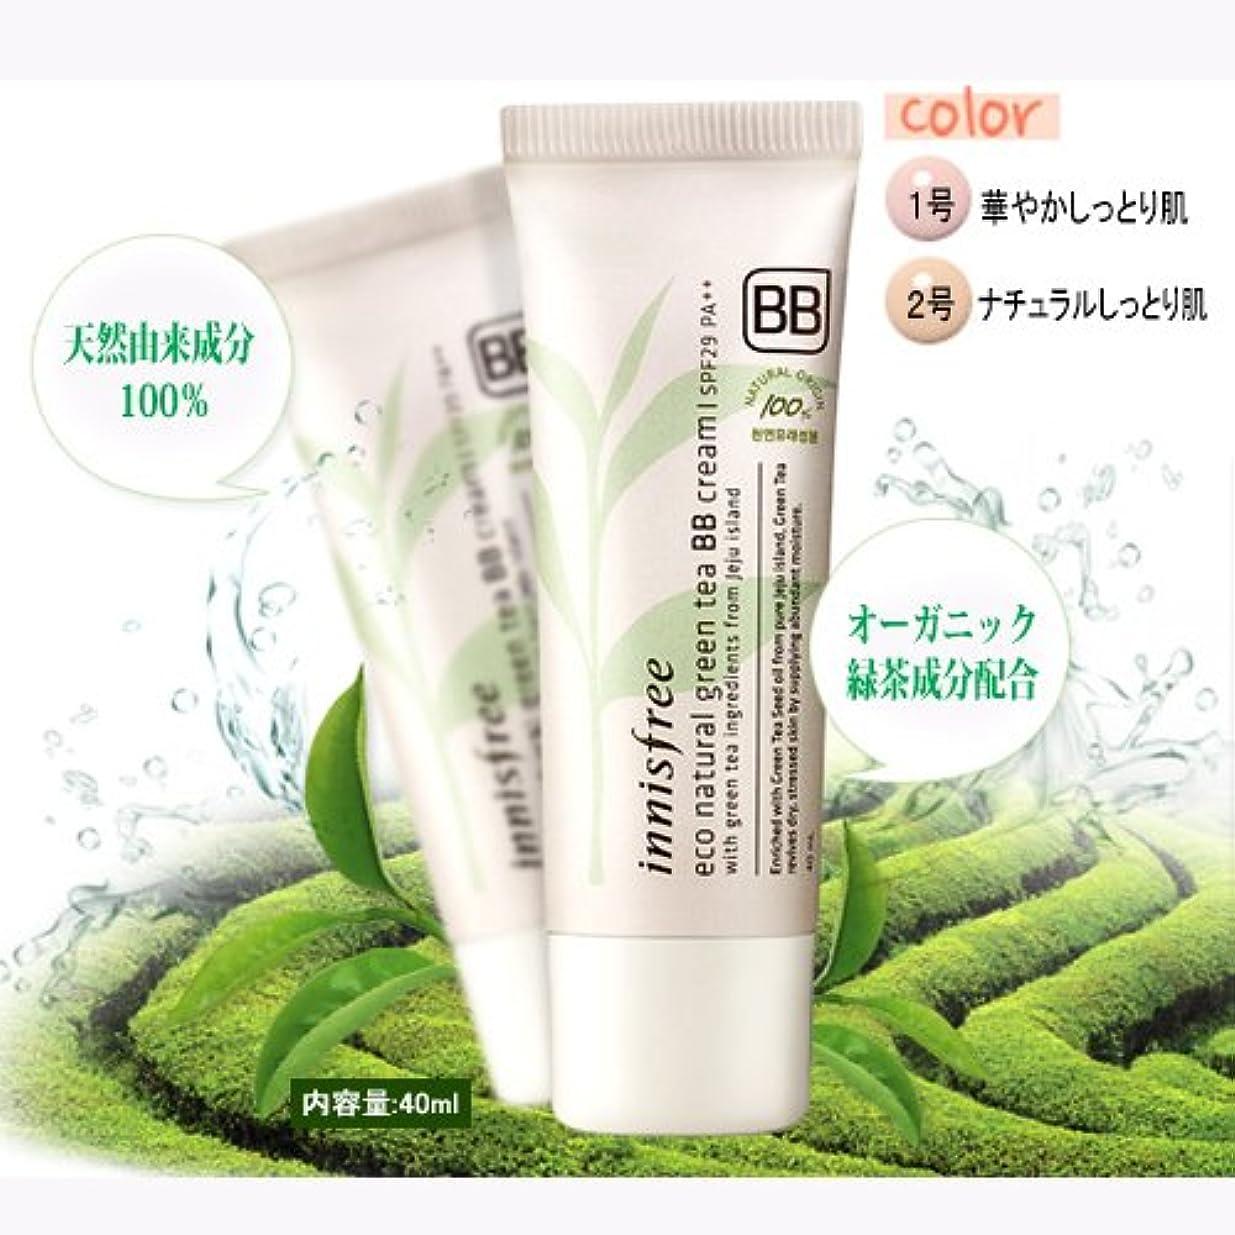 複数楽なクラッチinnisfree/イニスフリー Eco Natural Green Tea BB Cream #02/エコナチュラルグリーンティーBBクリームナチュラルなしっとりお肌 SPF29PA++40ml